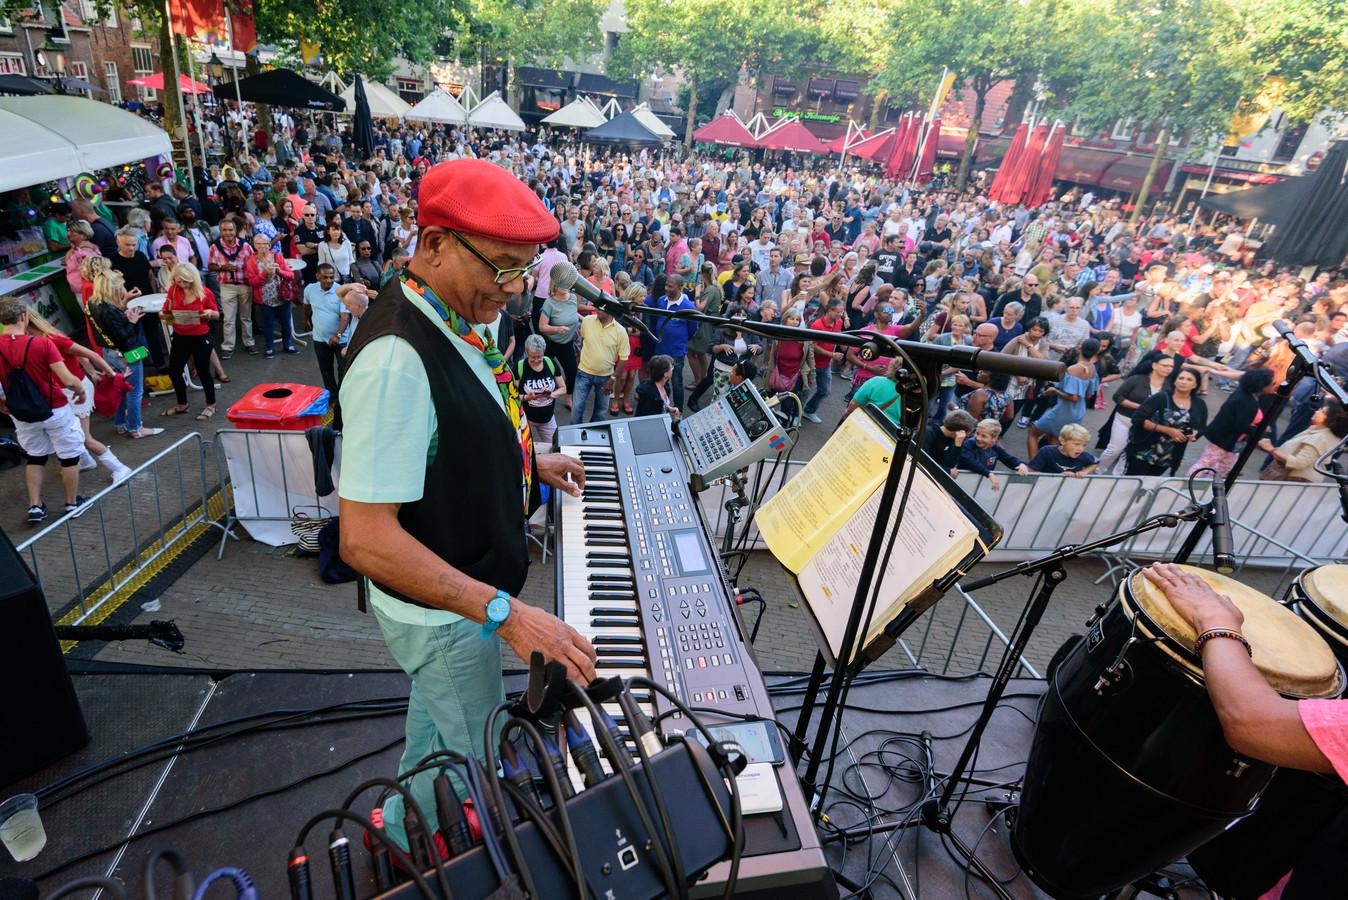 Liefhebbers van latin, jazz, techno of rock kunnen de zomer in Amersfoort weer hun hart ophalen.